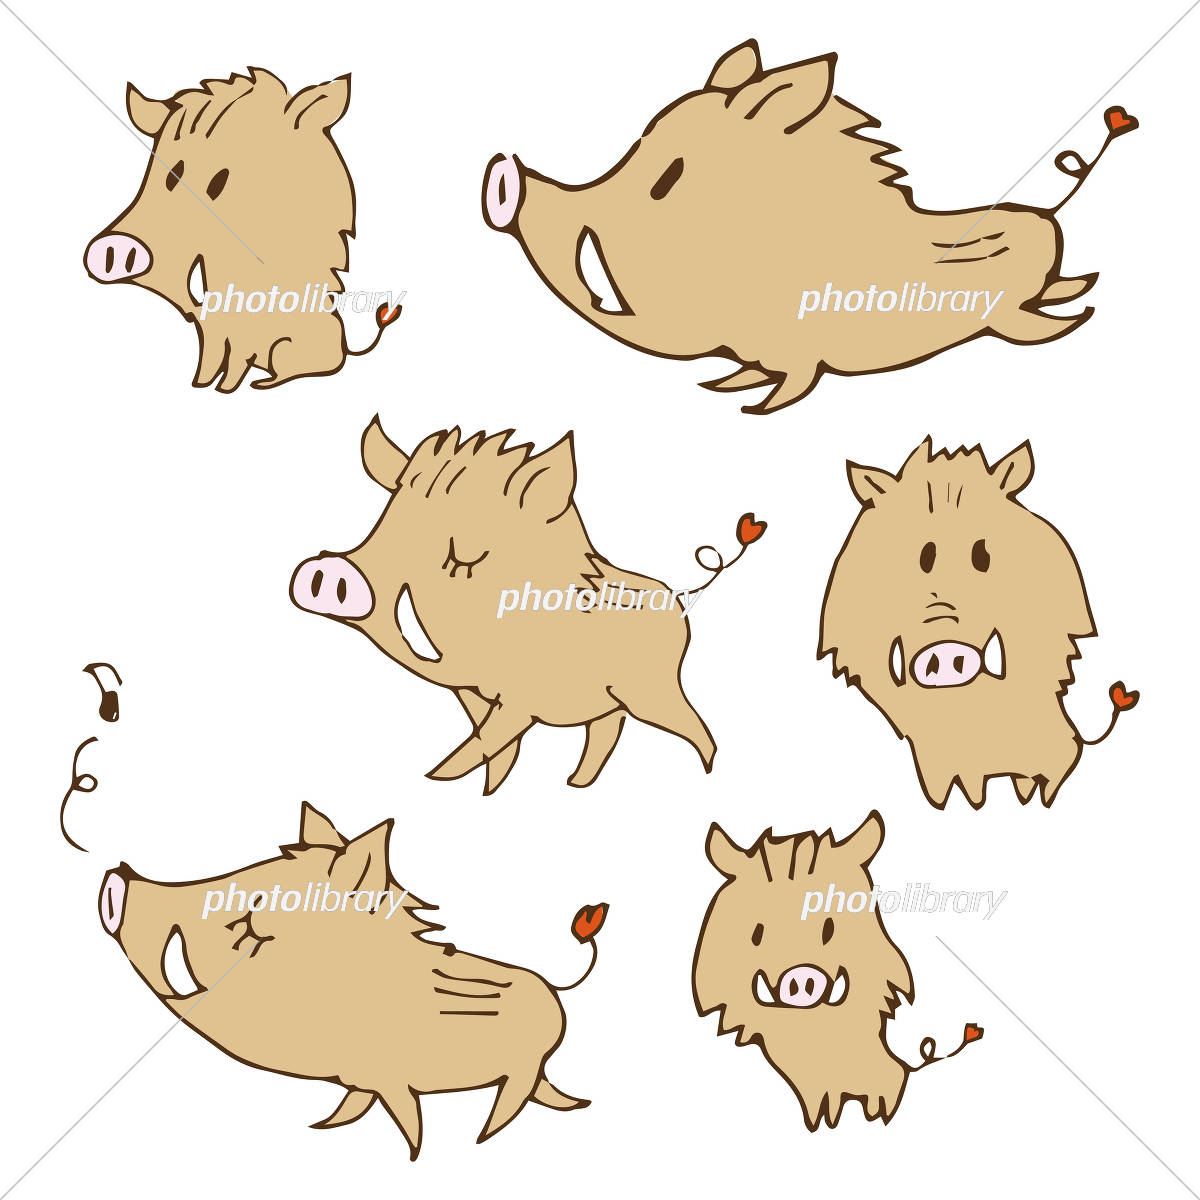 手書き 可愛い猪のイラスト 年賀状素材 干支動物 イラスト素材 [ 5658858